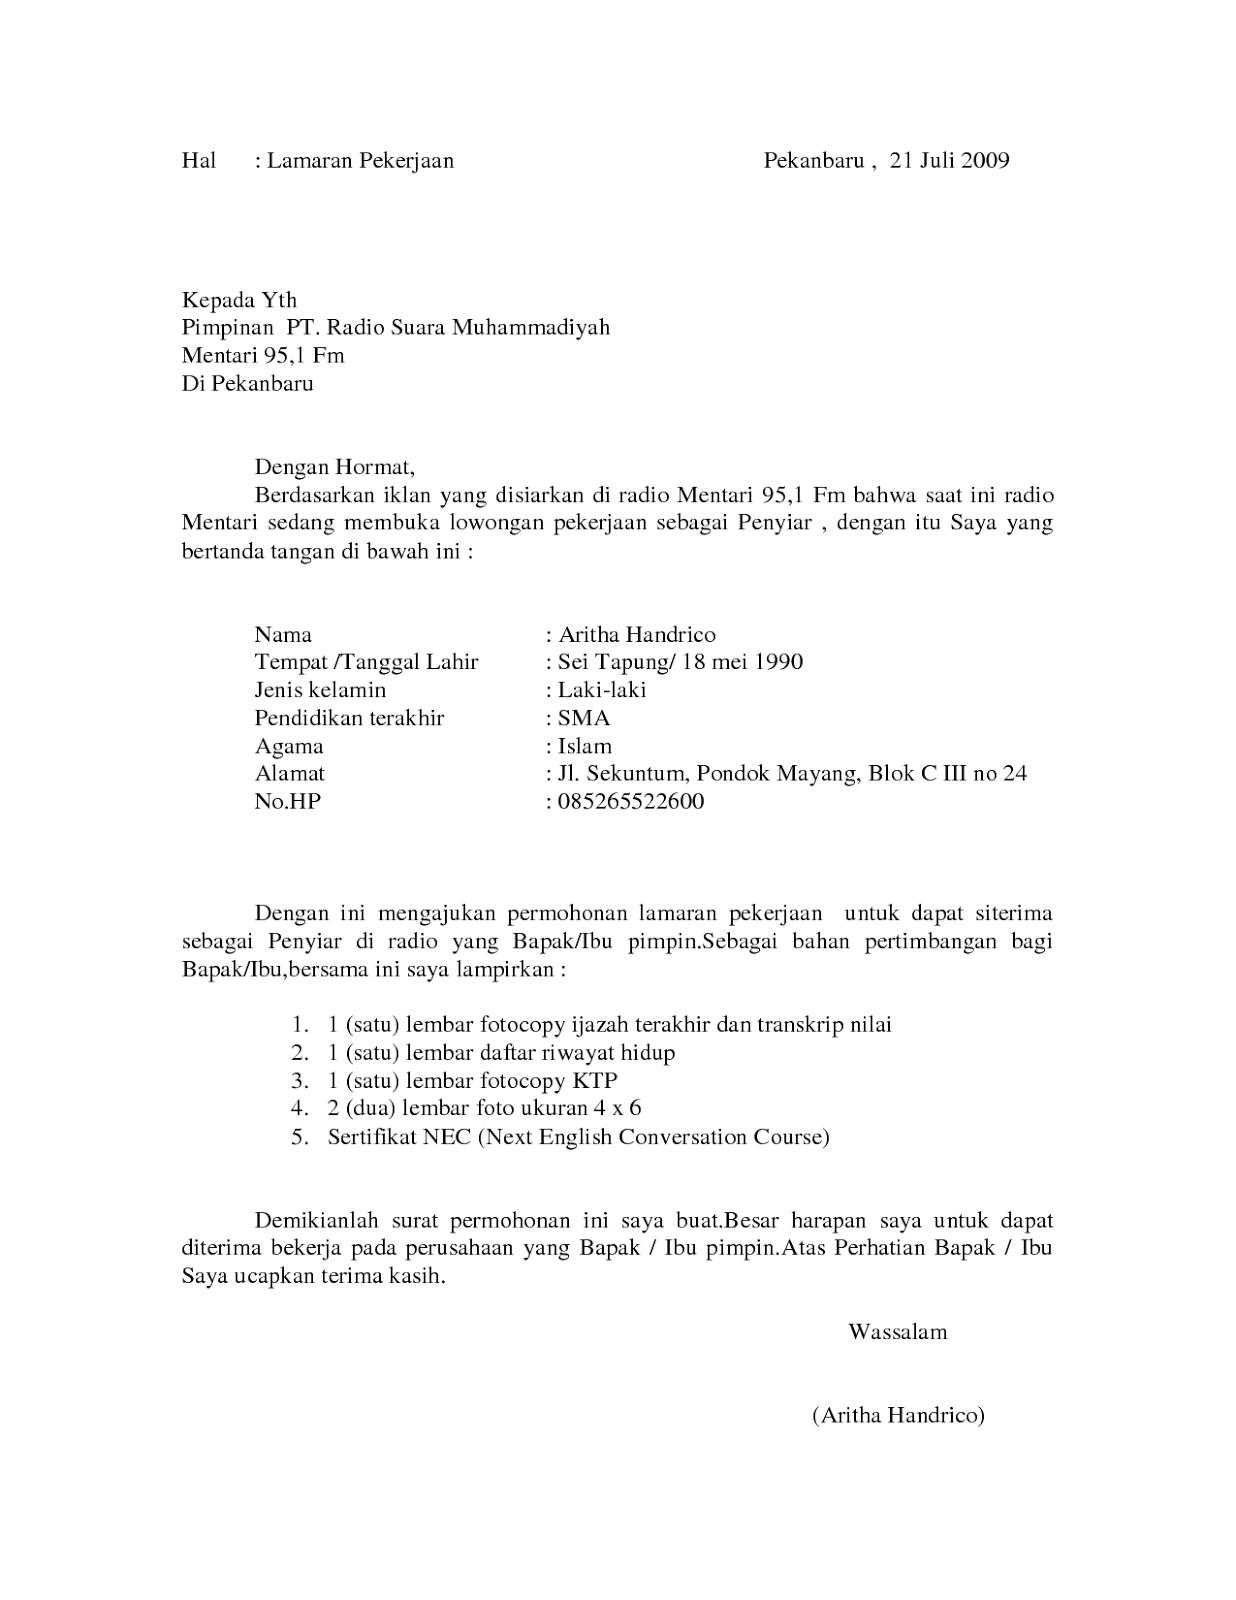 Contoh Surat Lamaran Kerja Karyawan Toko Paling Benar Rumahspesifikasi Com